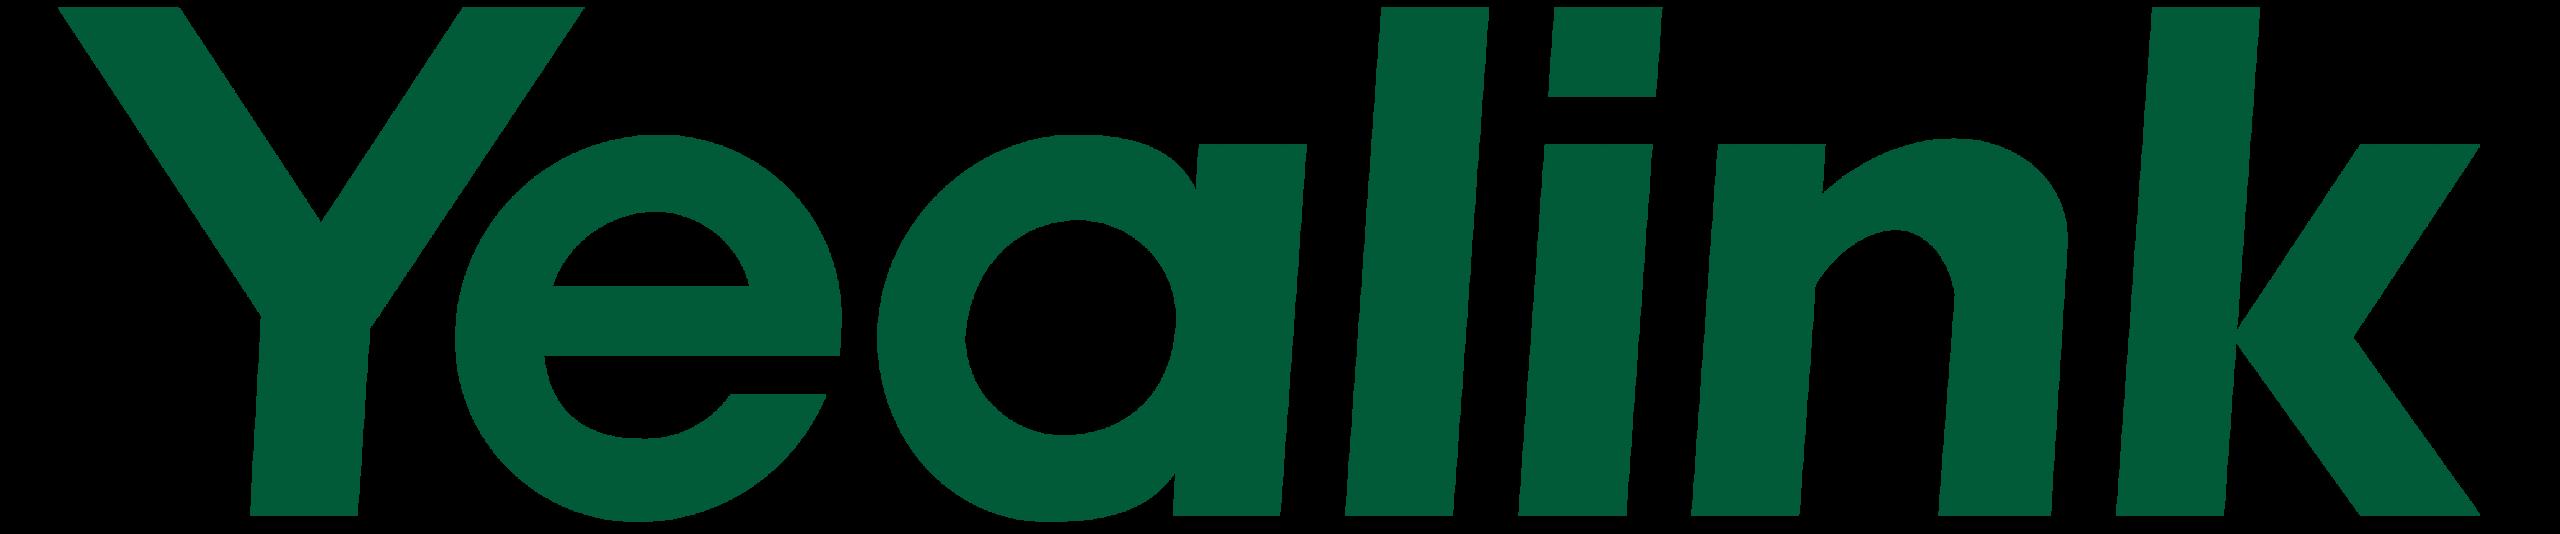 Yealink Logo scaled